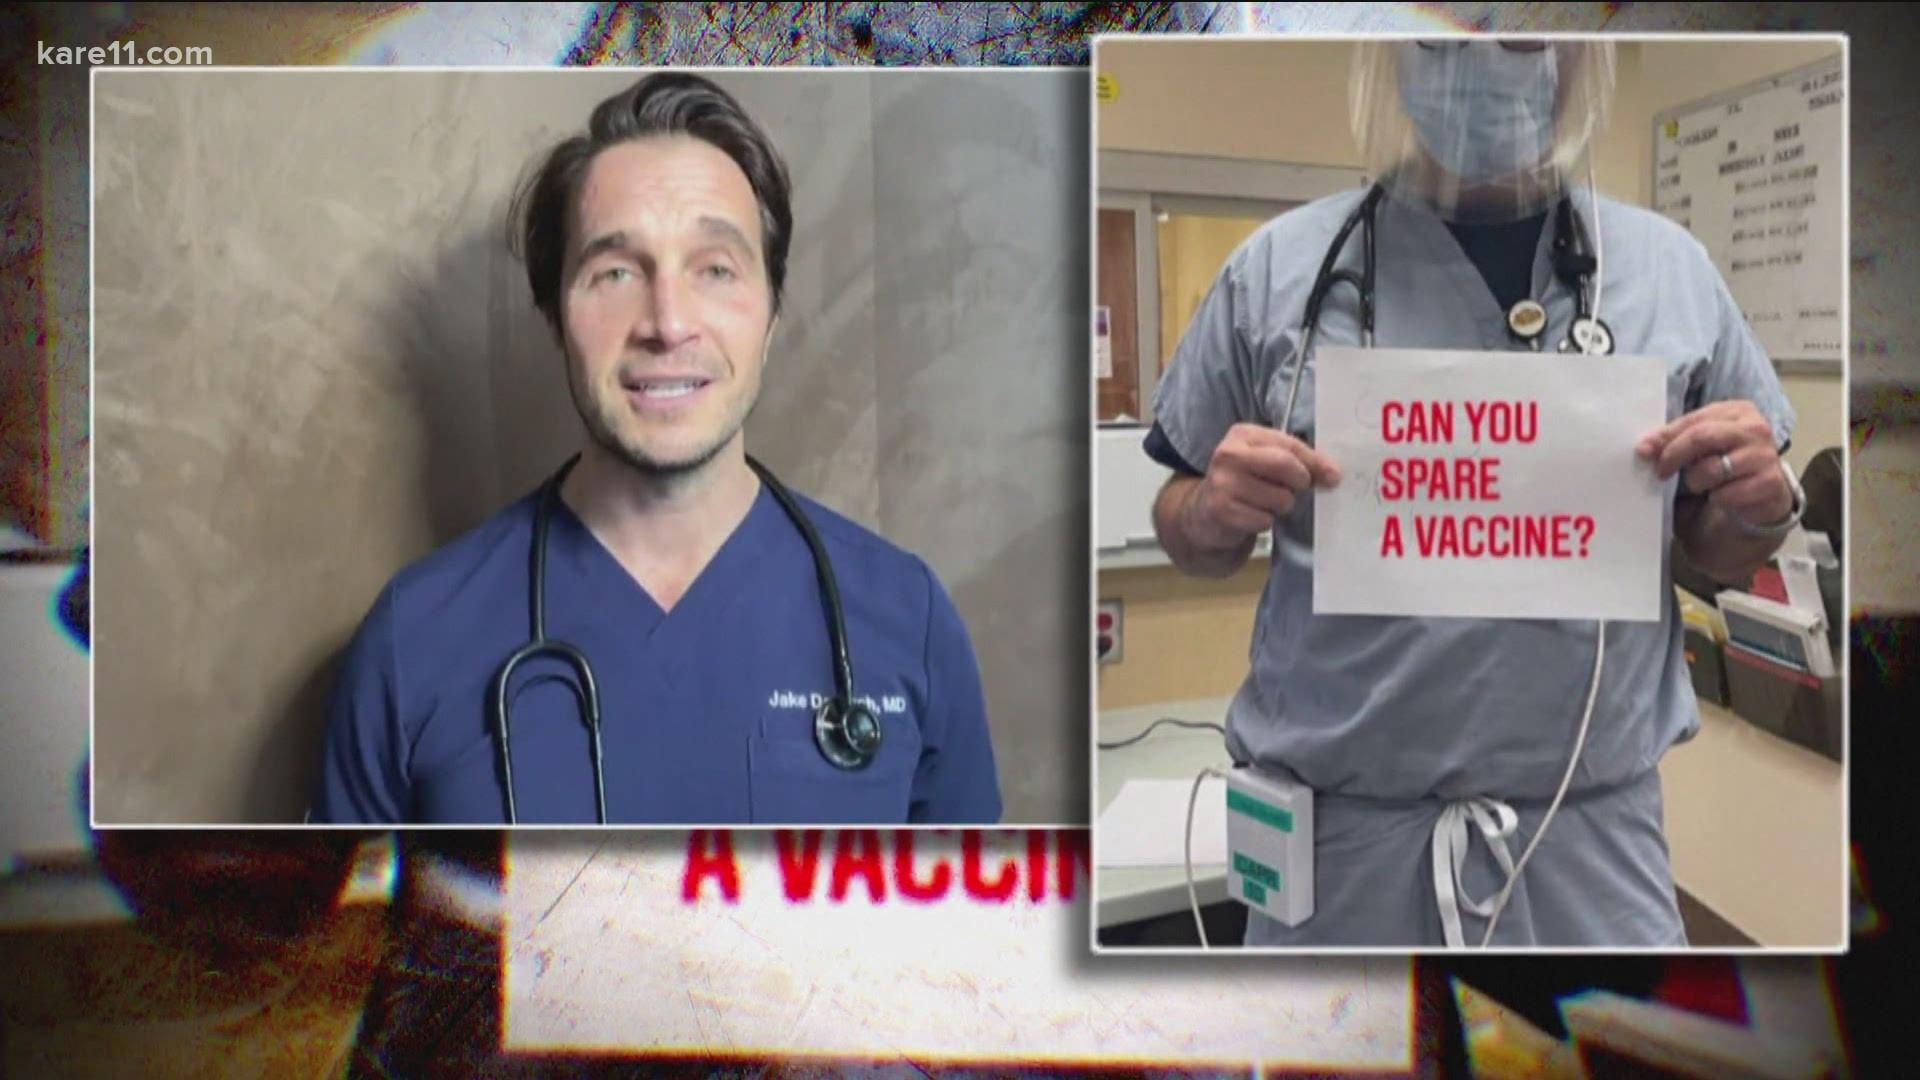 FDA gives Moderna COVID-19 vaccine emergency approval | fox43.com